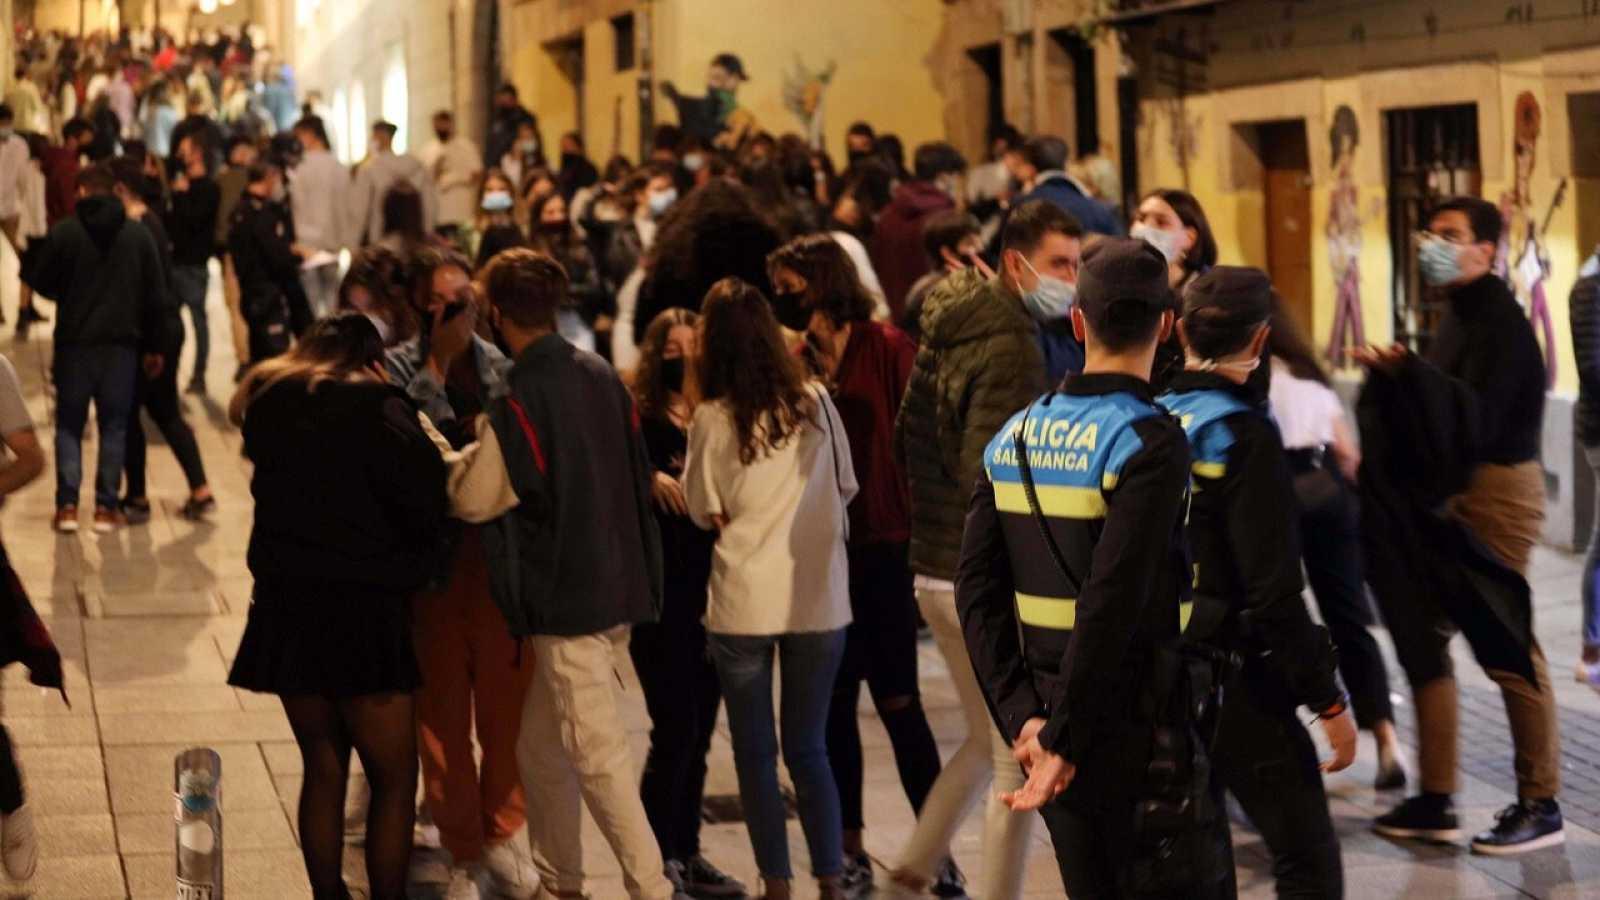 La Universidad de Salamanca expulsa a 36 alumnos por no respetar las medidas anticoronavirus